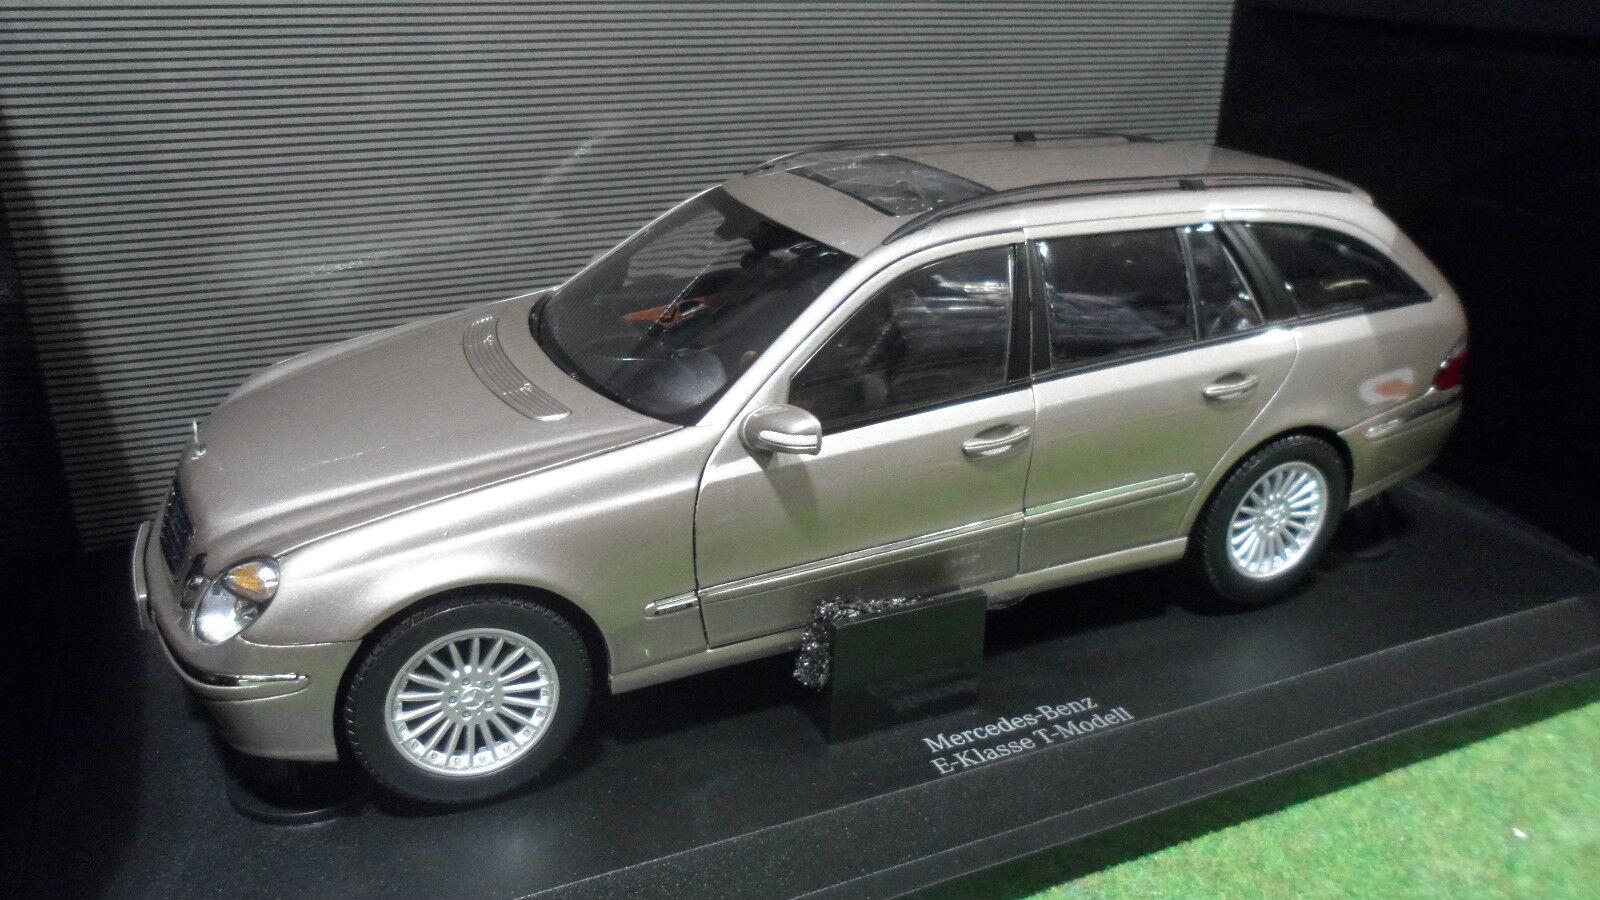 MERCEDES BENZ E-KLASSE T-MODELL CLASS au 1 18 KYOSHO B66962188 voiture miniature